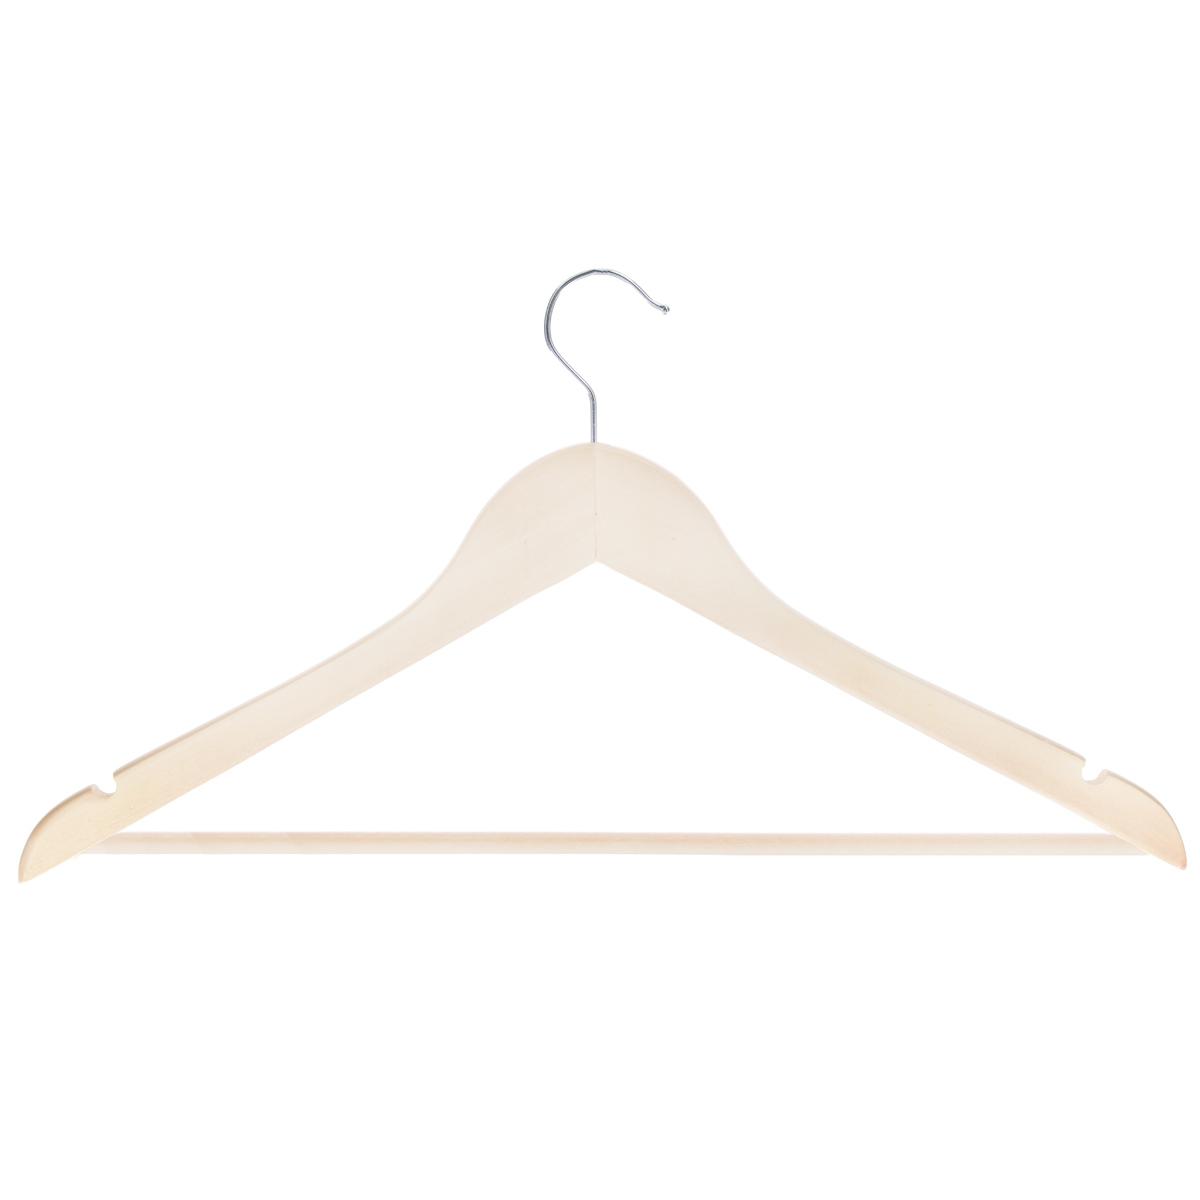 Вешалка для одежды Miolla, длина 45 см2511004Универсальная вешалка для одежды Miolla выполнена из прочного дерева. Изделие оснащено перекладиной и двумя крючками. Вешалка - это незаменимая вещь для того, чтобы ваша одежда всегда оставалась в хорошем состоянии.